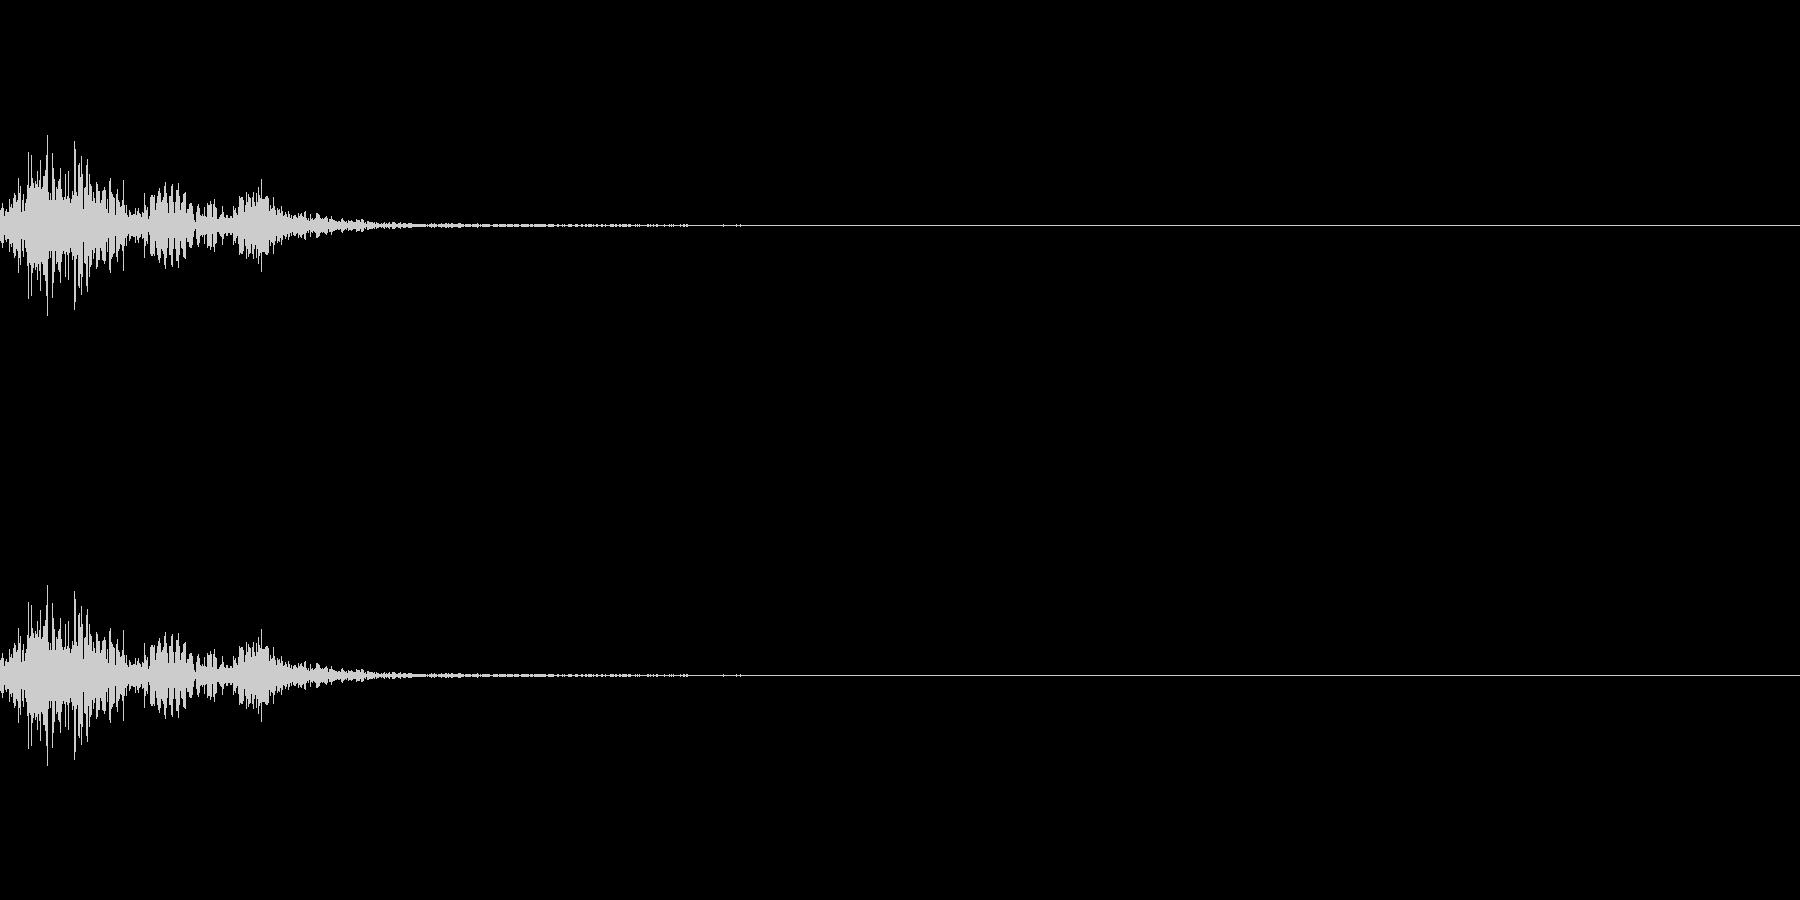 ガチャッ 重厚な金属音 ドアノブの様な音の未再生の波形